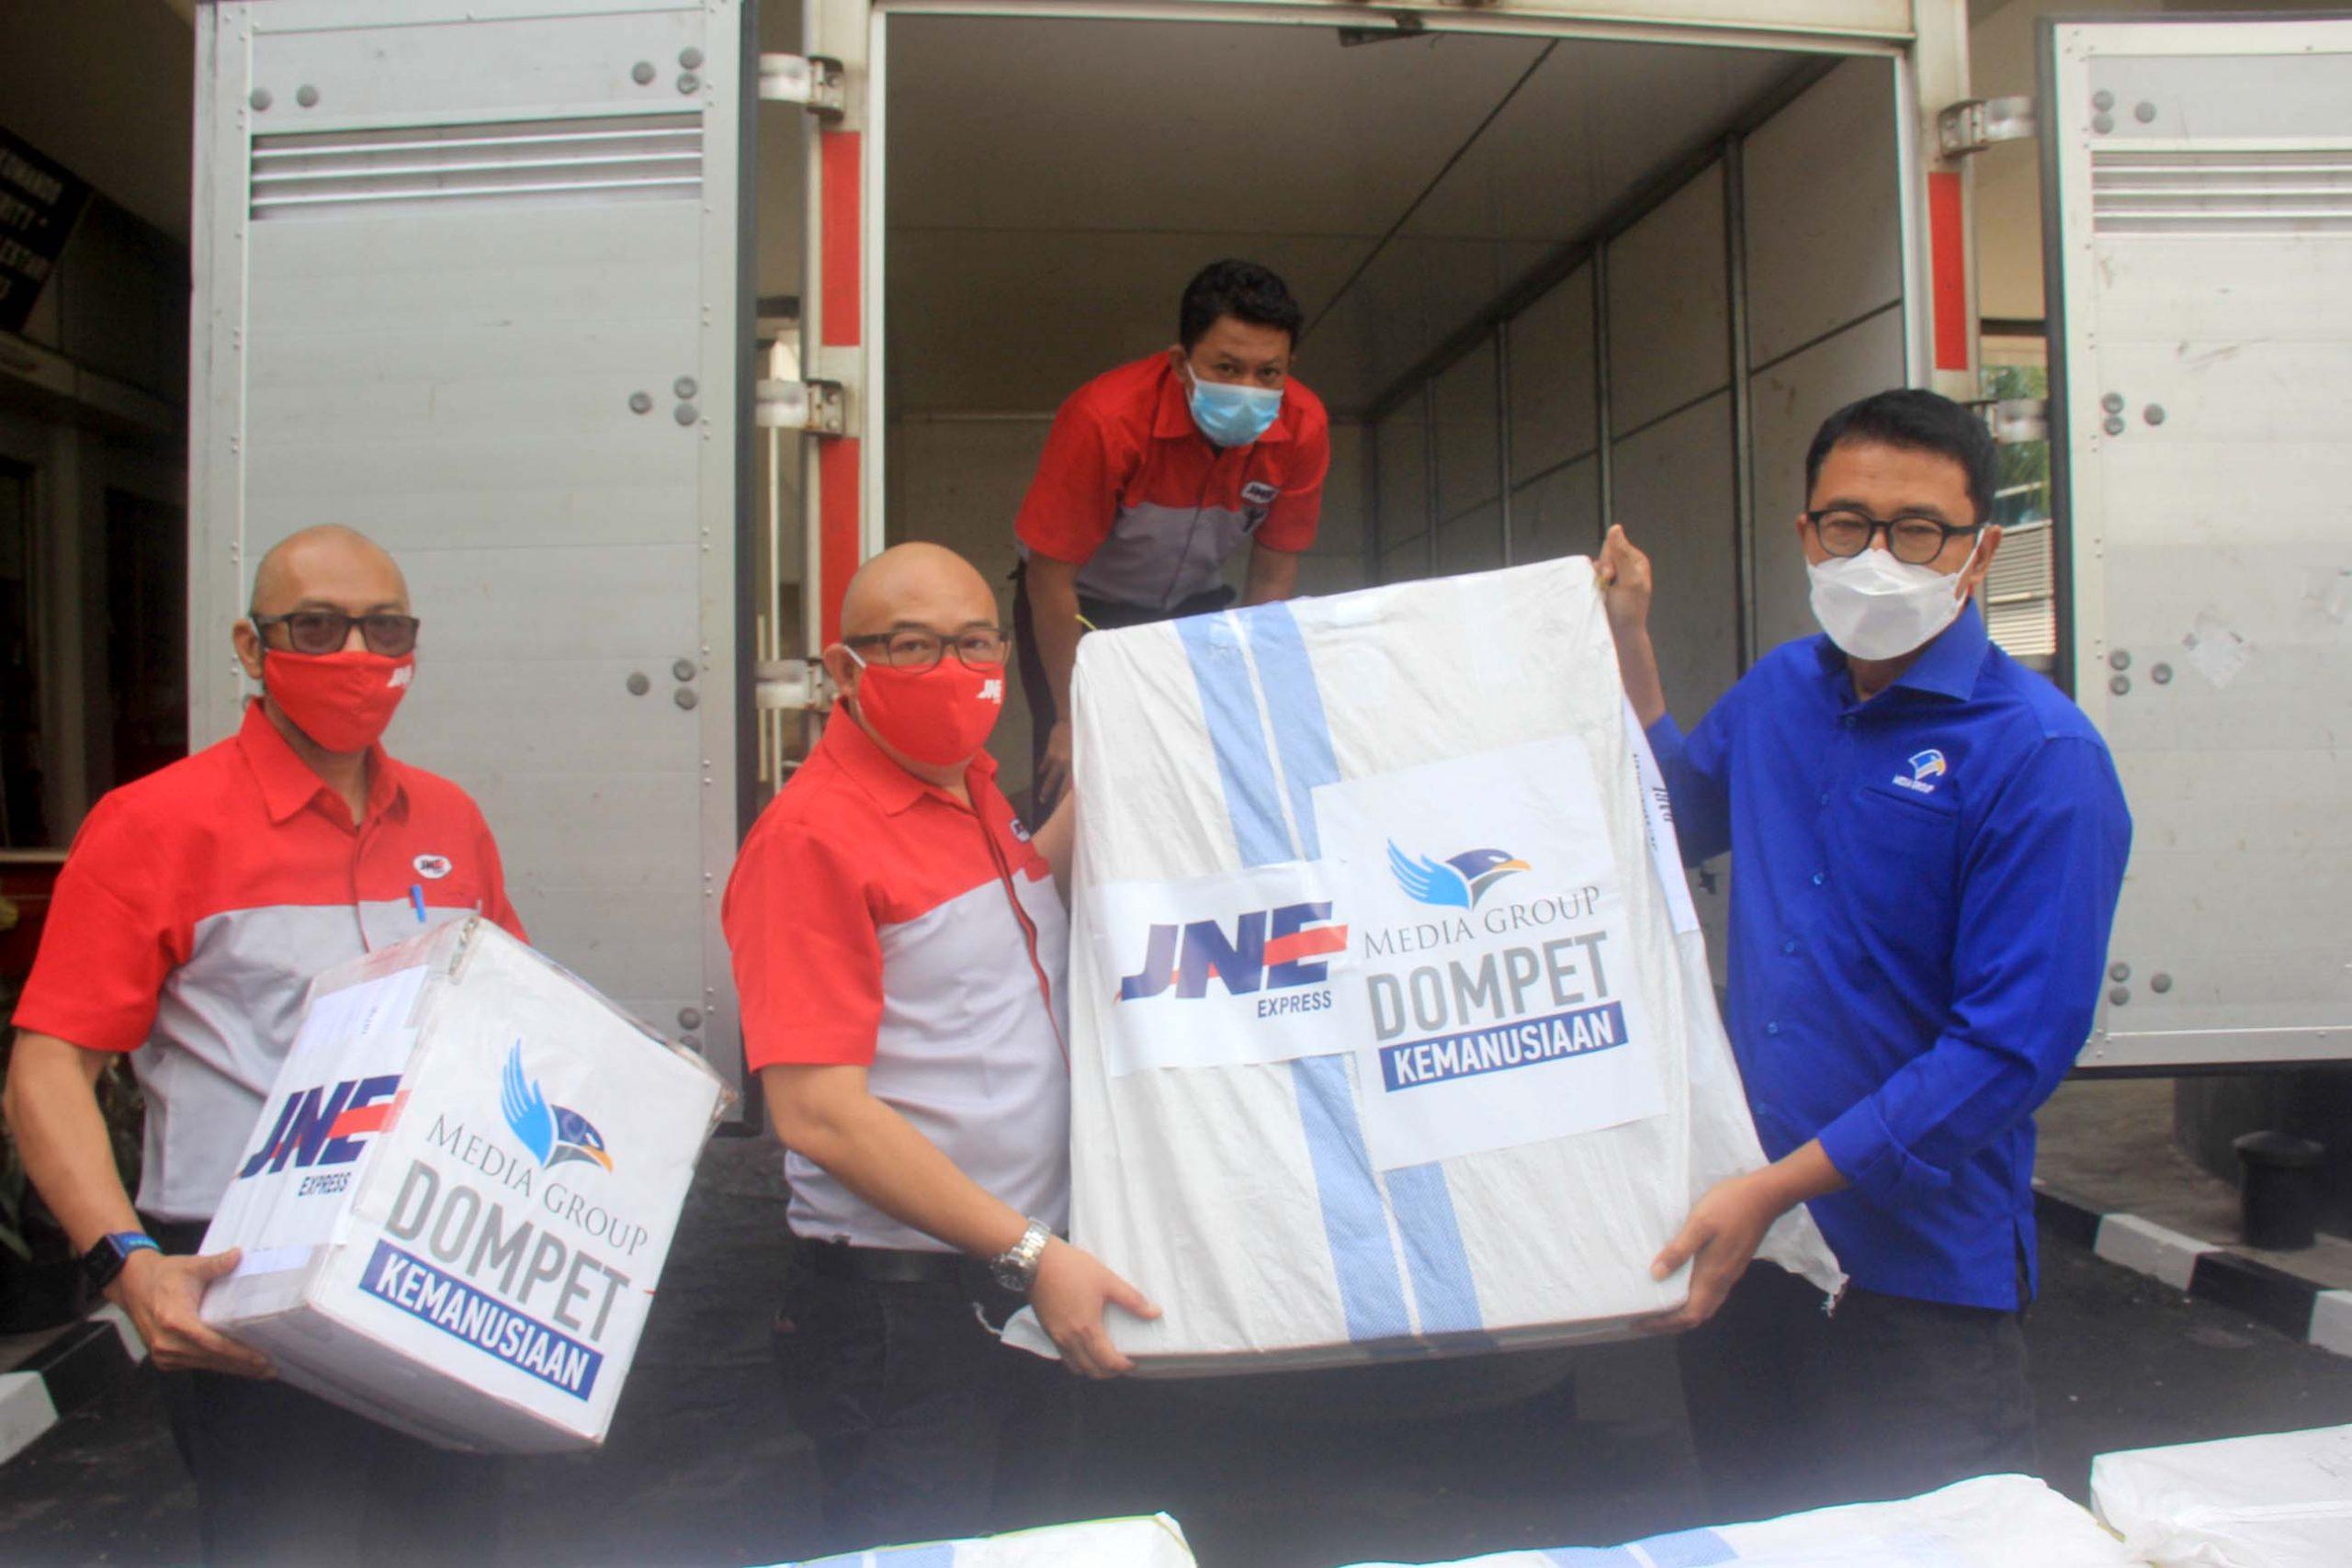 Penyerahan bantuan dari Media Group kepada JNE untuk kemudian didistribusikan ke para korban bencana di NTT